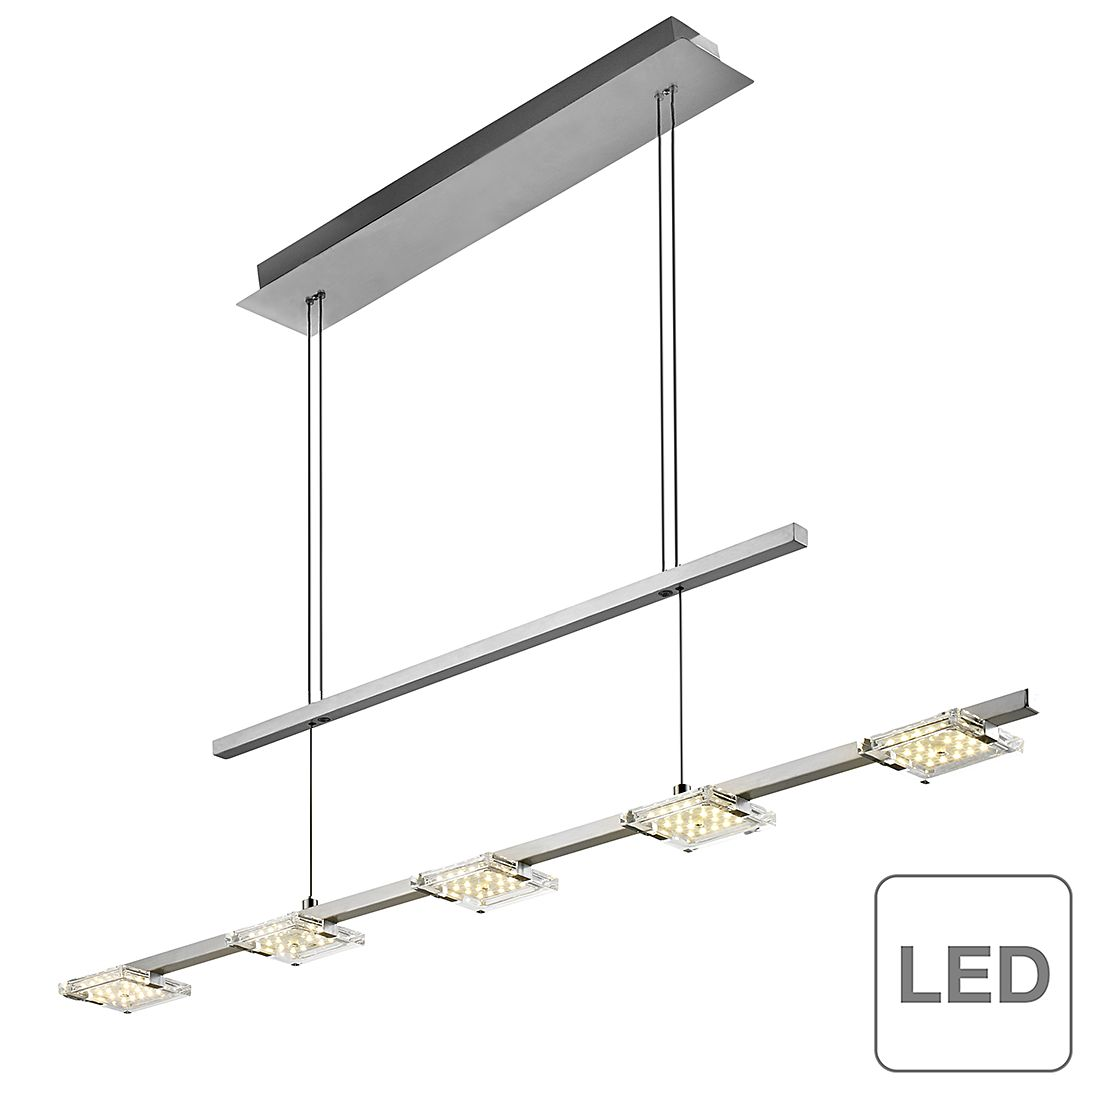 EEK A+, LED-Pendelleuchte Daan - Chrom/ Glas - Silber, Paul Neuhaus